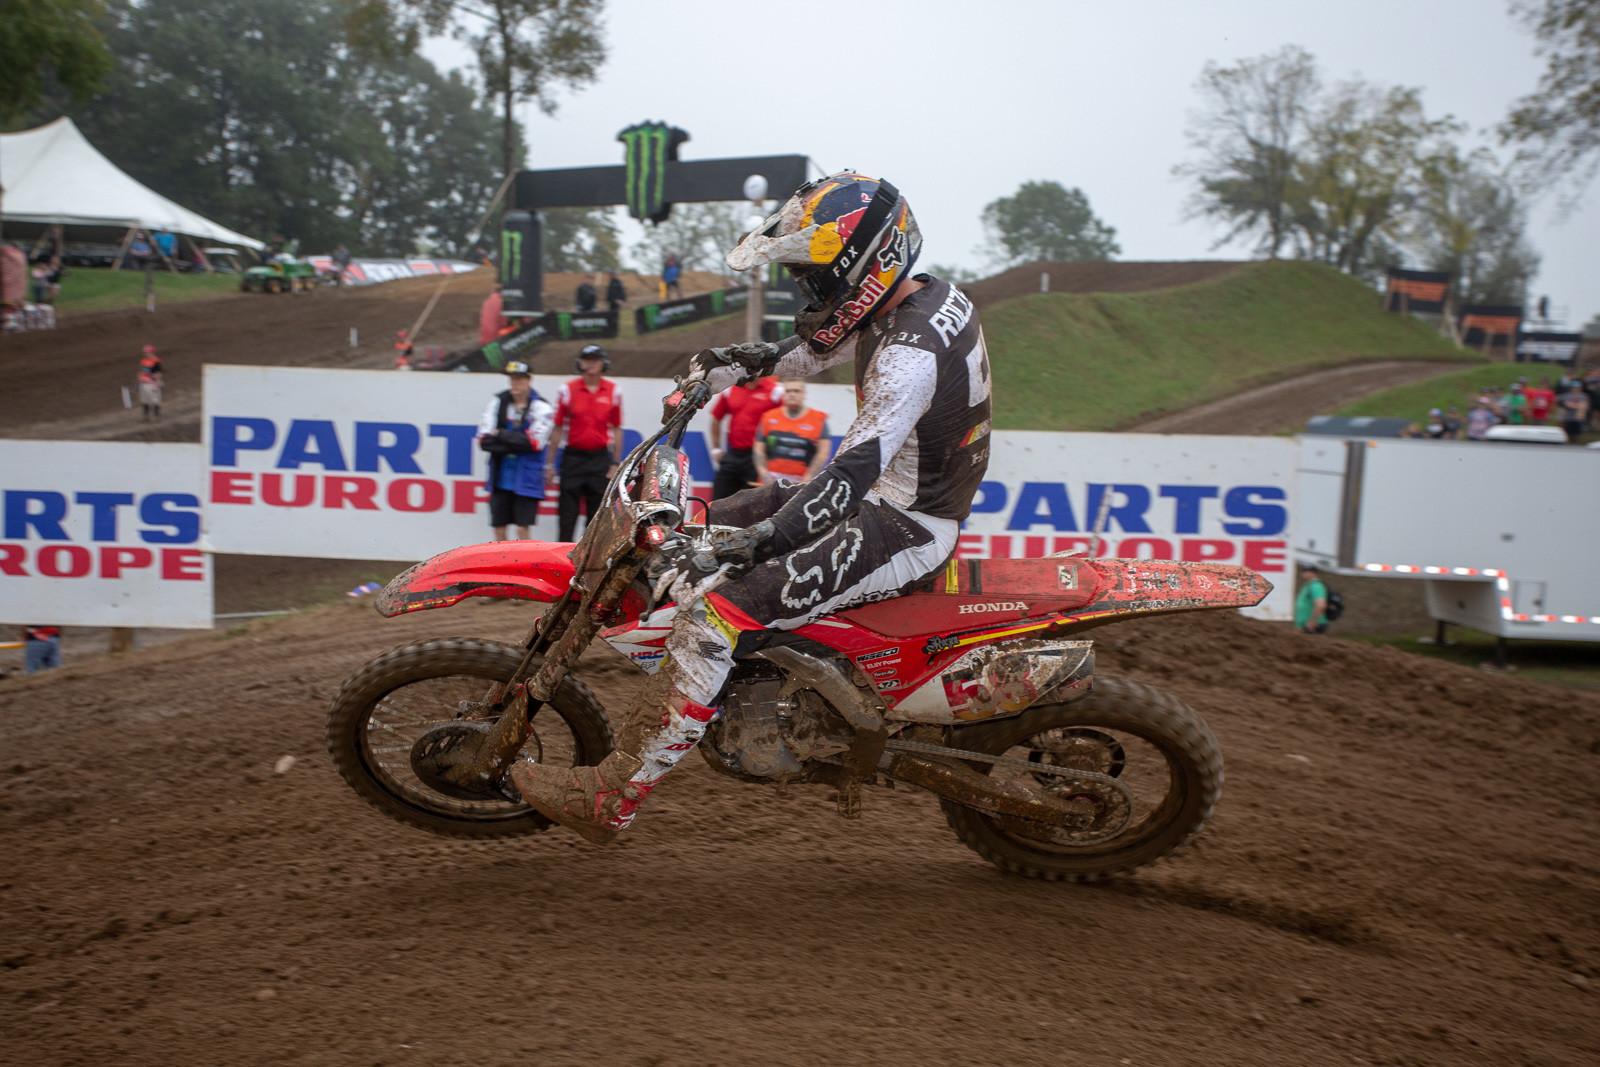 Ken Roczen was a strong second among the MXGP class.